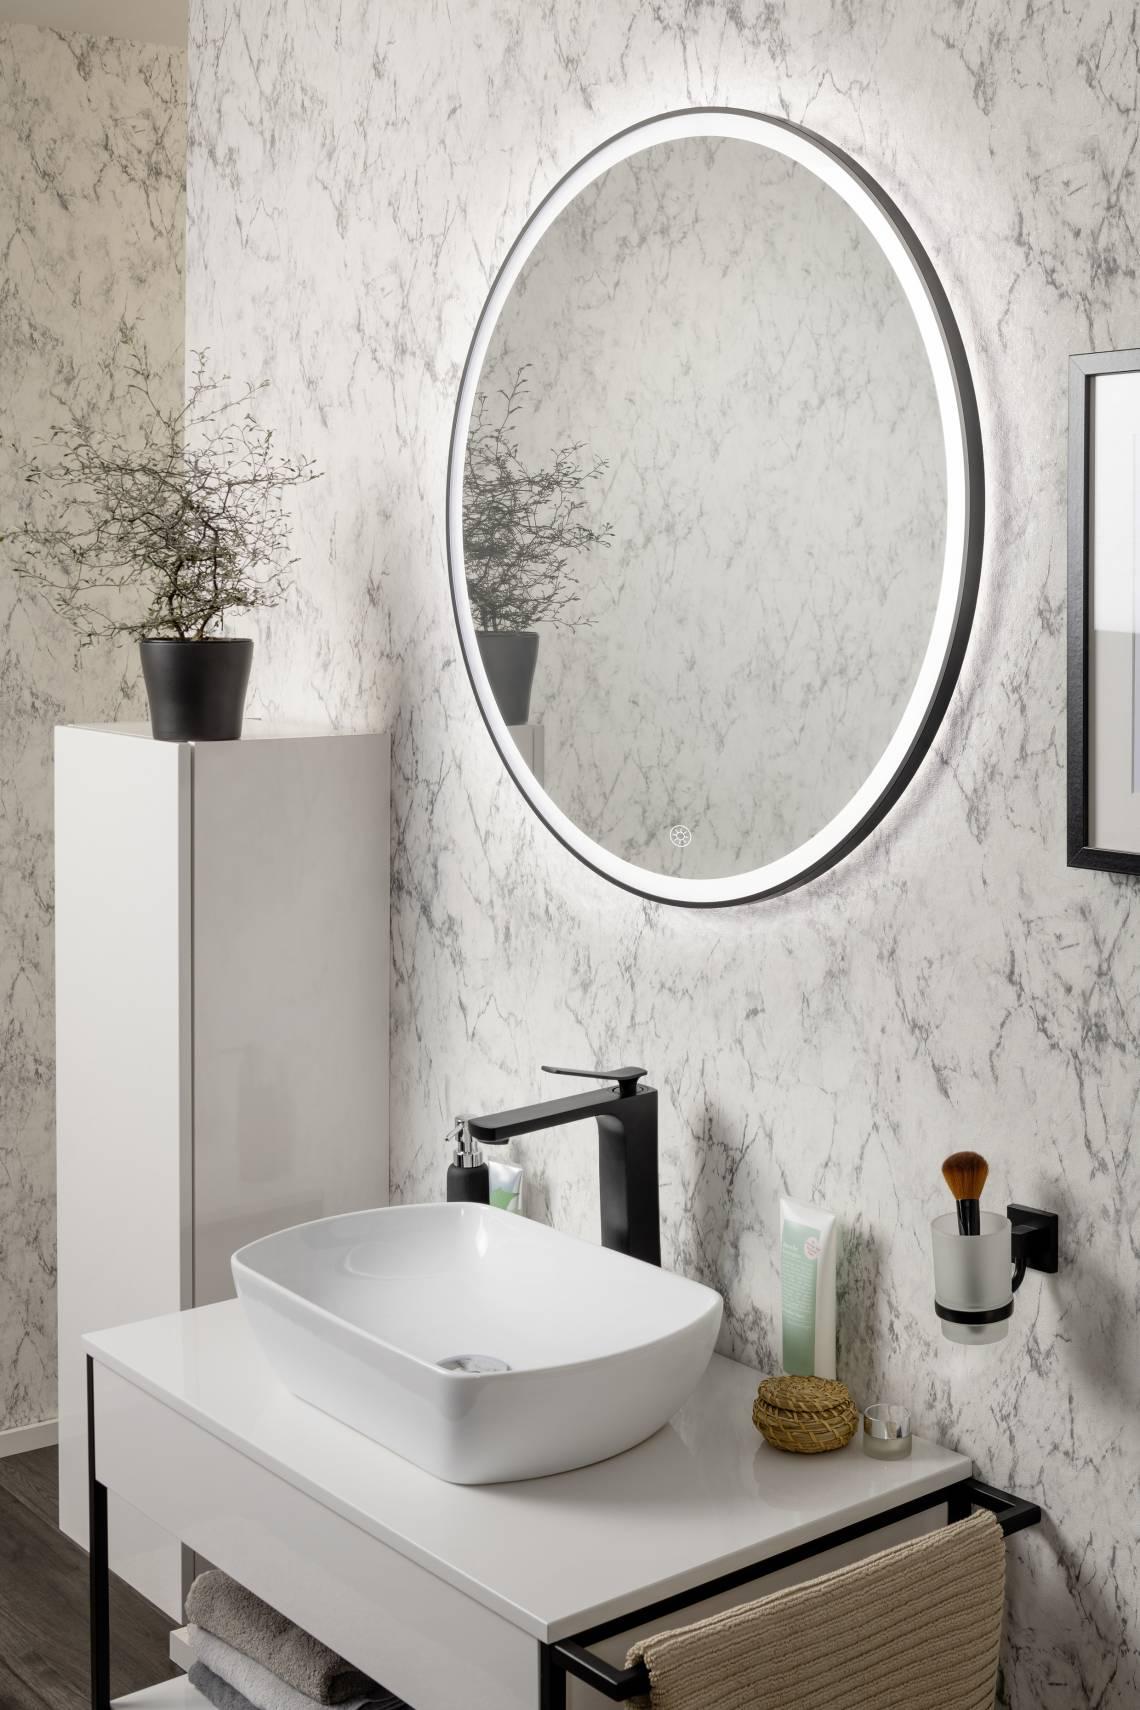 FACKELMANN NEW YORK Waschtisch mit Spiegel